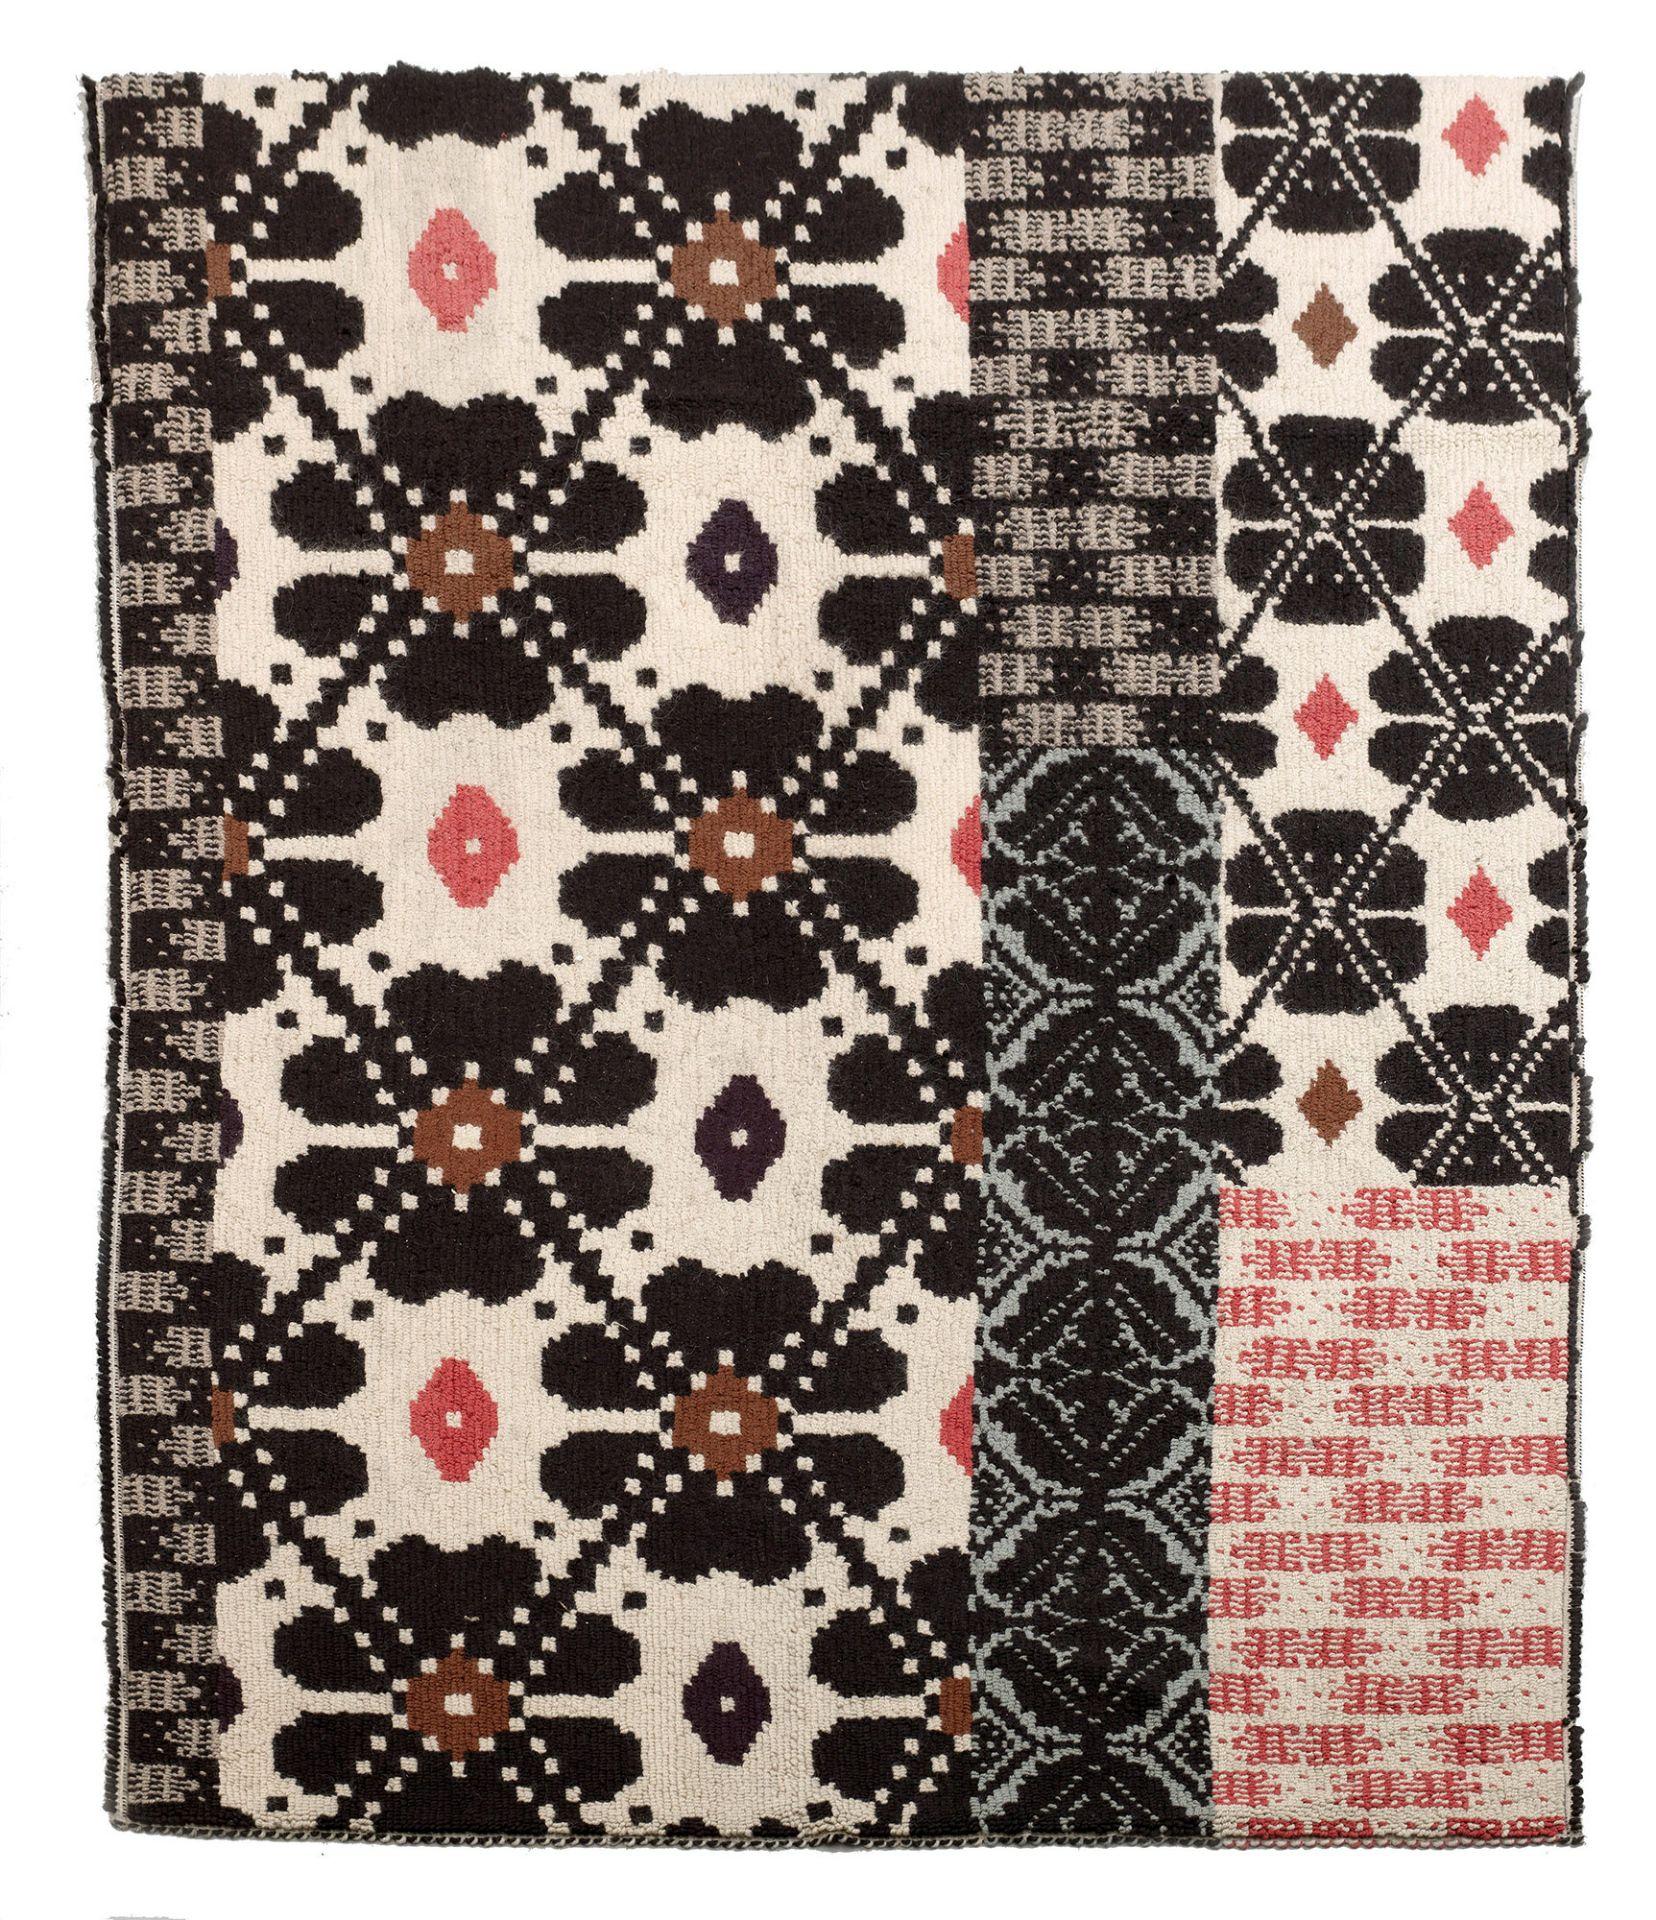 Designer-Teppich von Patricia Urquiola